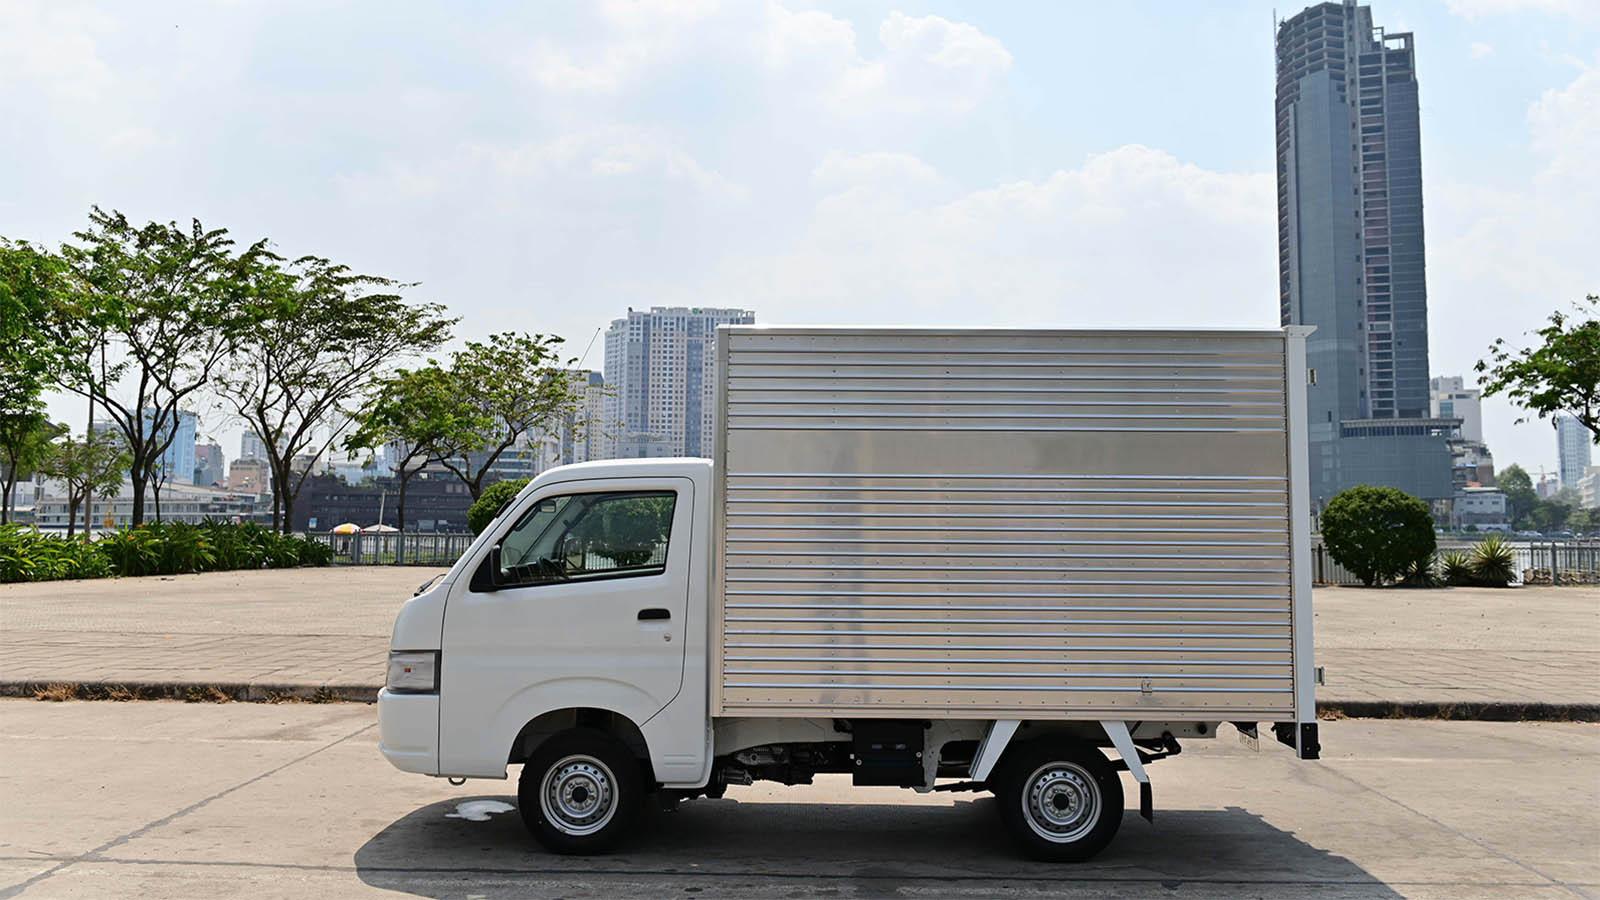 Bán kính vòng quay 4,4m giúp Suzuki Carry Pro linh hoạt di chuyển trong những con phố nhỏ ở nội đô như một chiếc xe con.